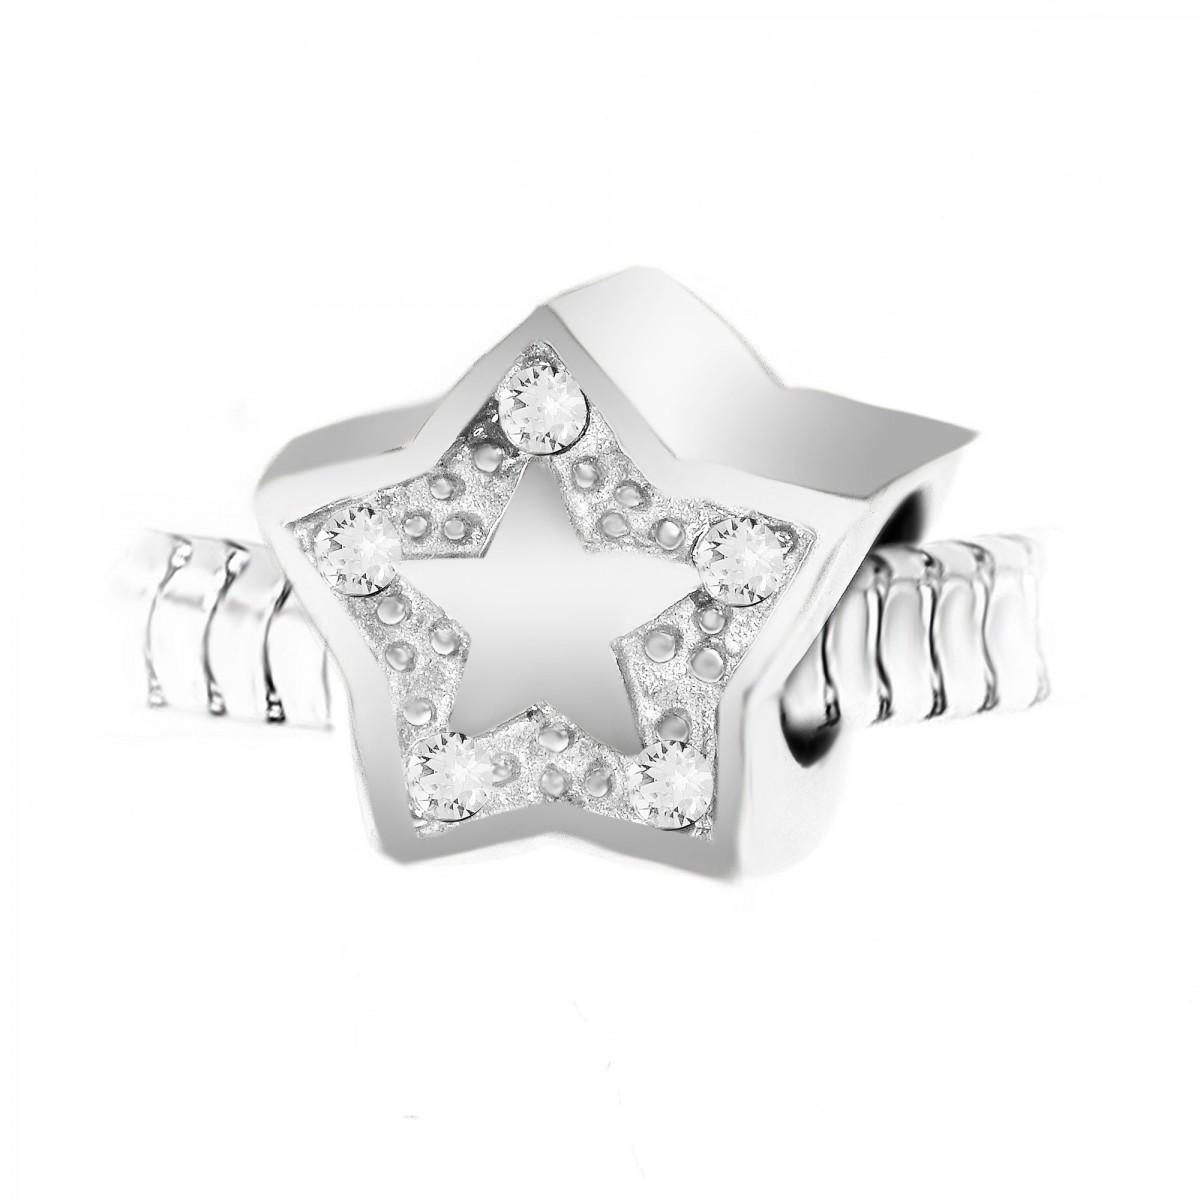 BEA0045 Charm perle étoile orné de cristaux et acier par So Charm